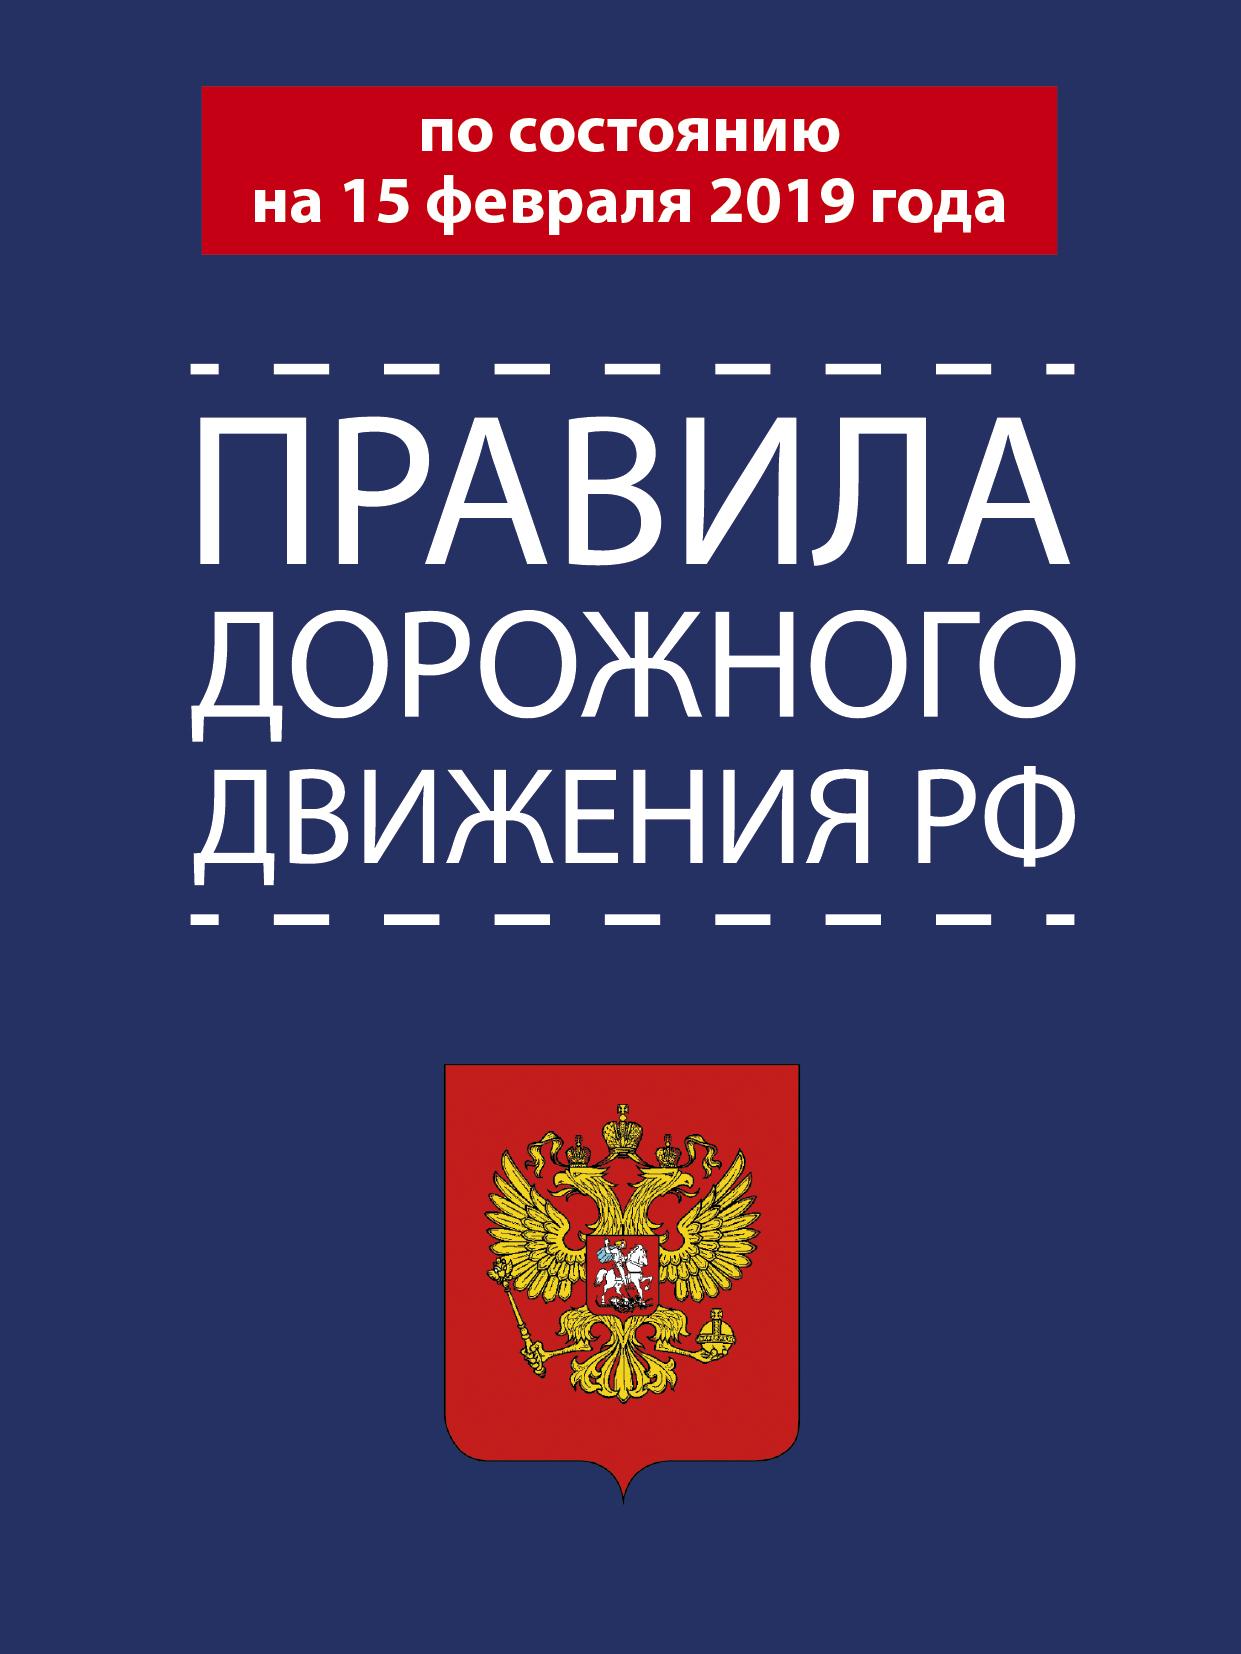 Правила дорожного движения РФ на 15.02.2019 года малов в автомобиль и правила дорожного движения